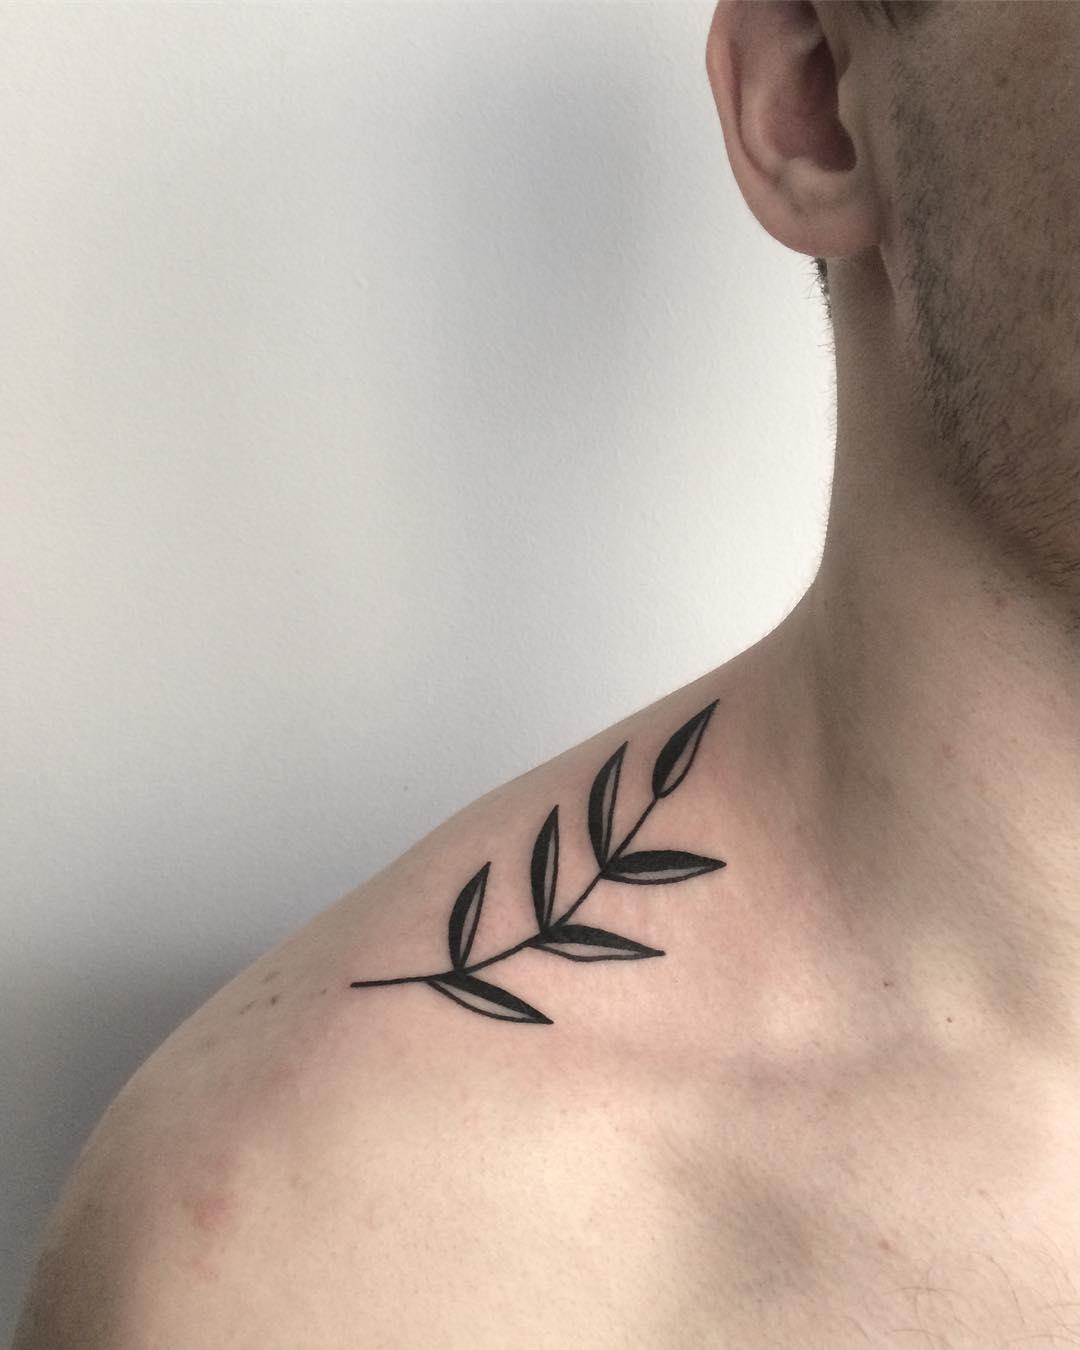 Small branch d by @skrzyniarz_